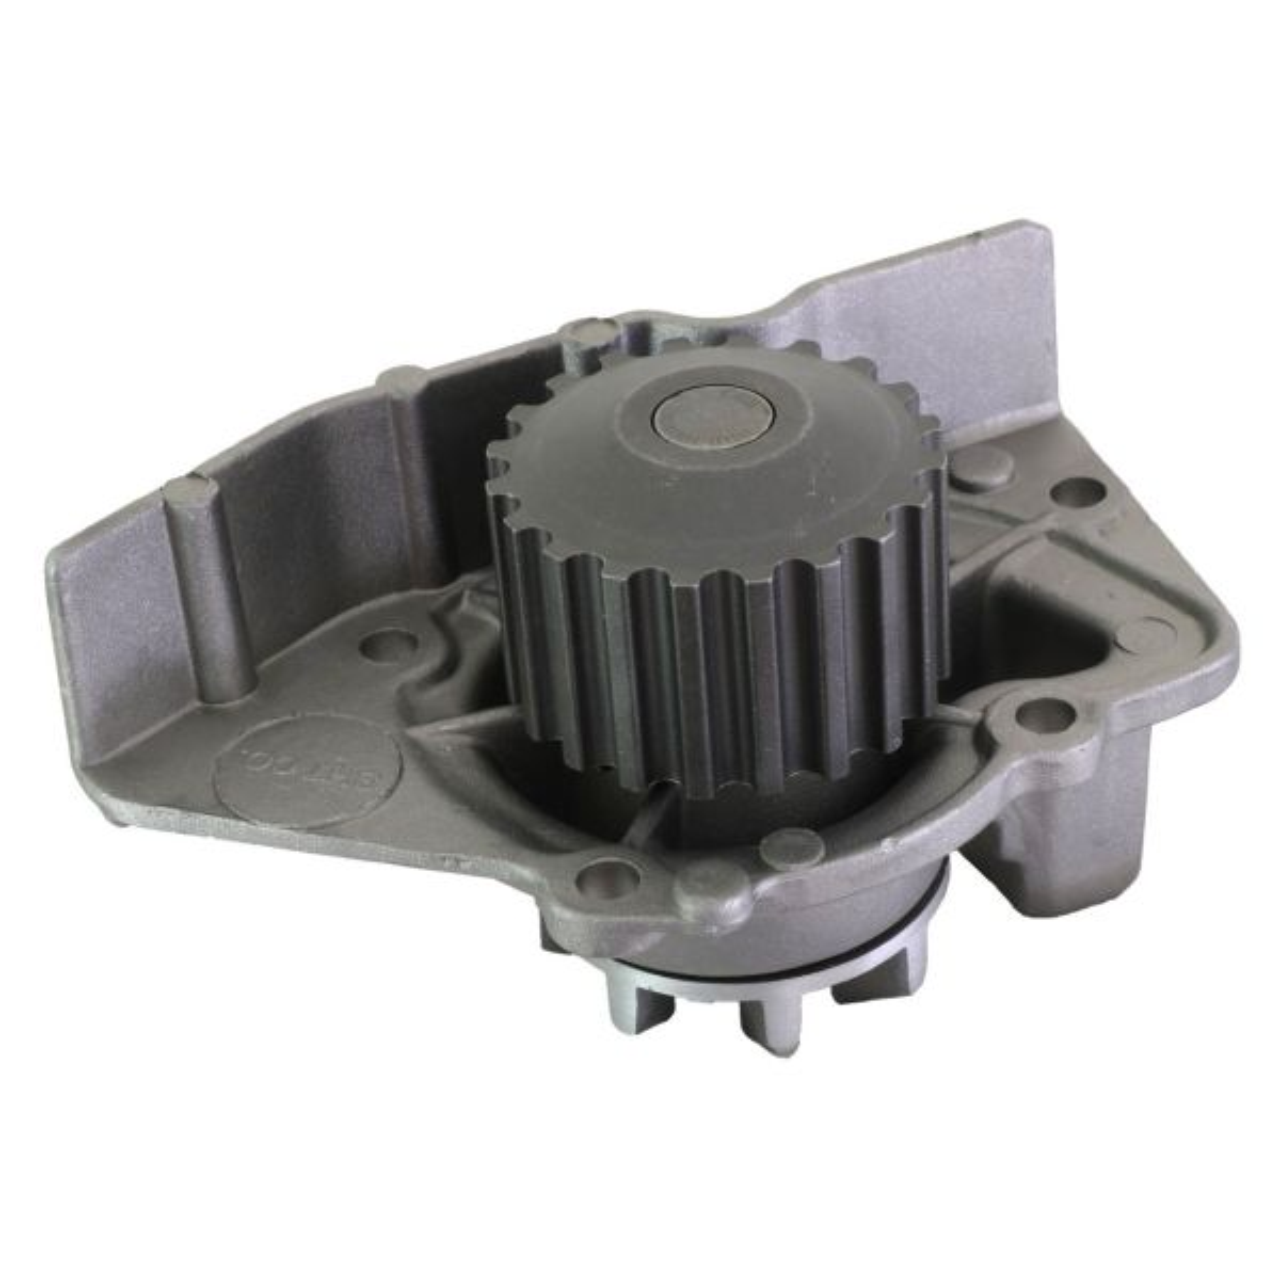 واتر پمپ شبستری مدل ESXU755 مناسب برای پژو 405